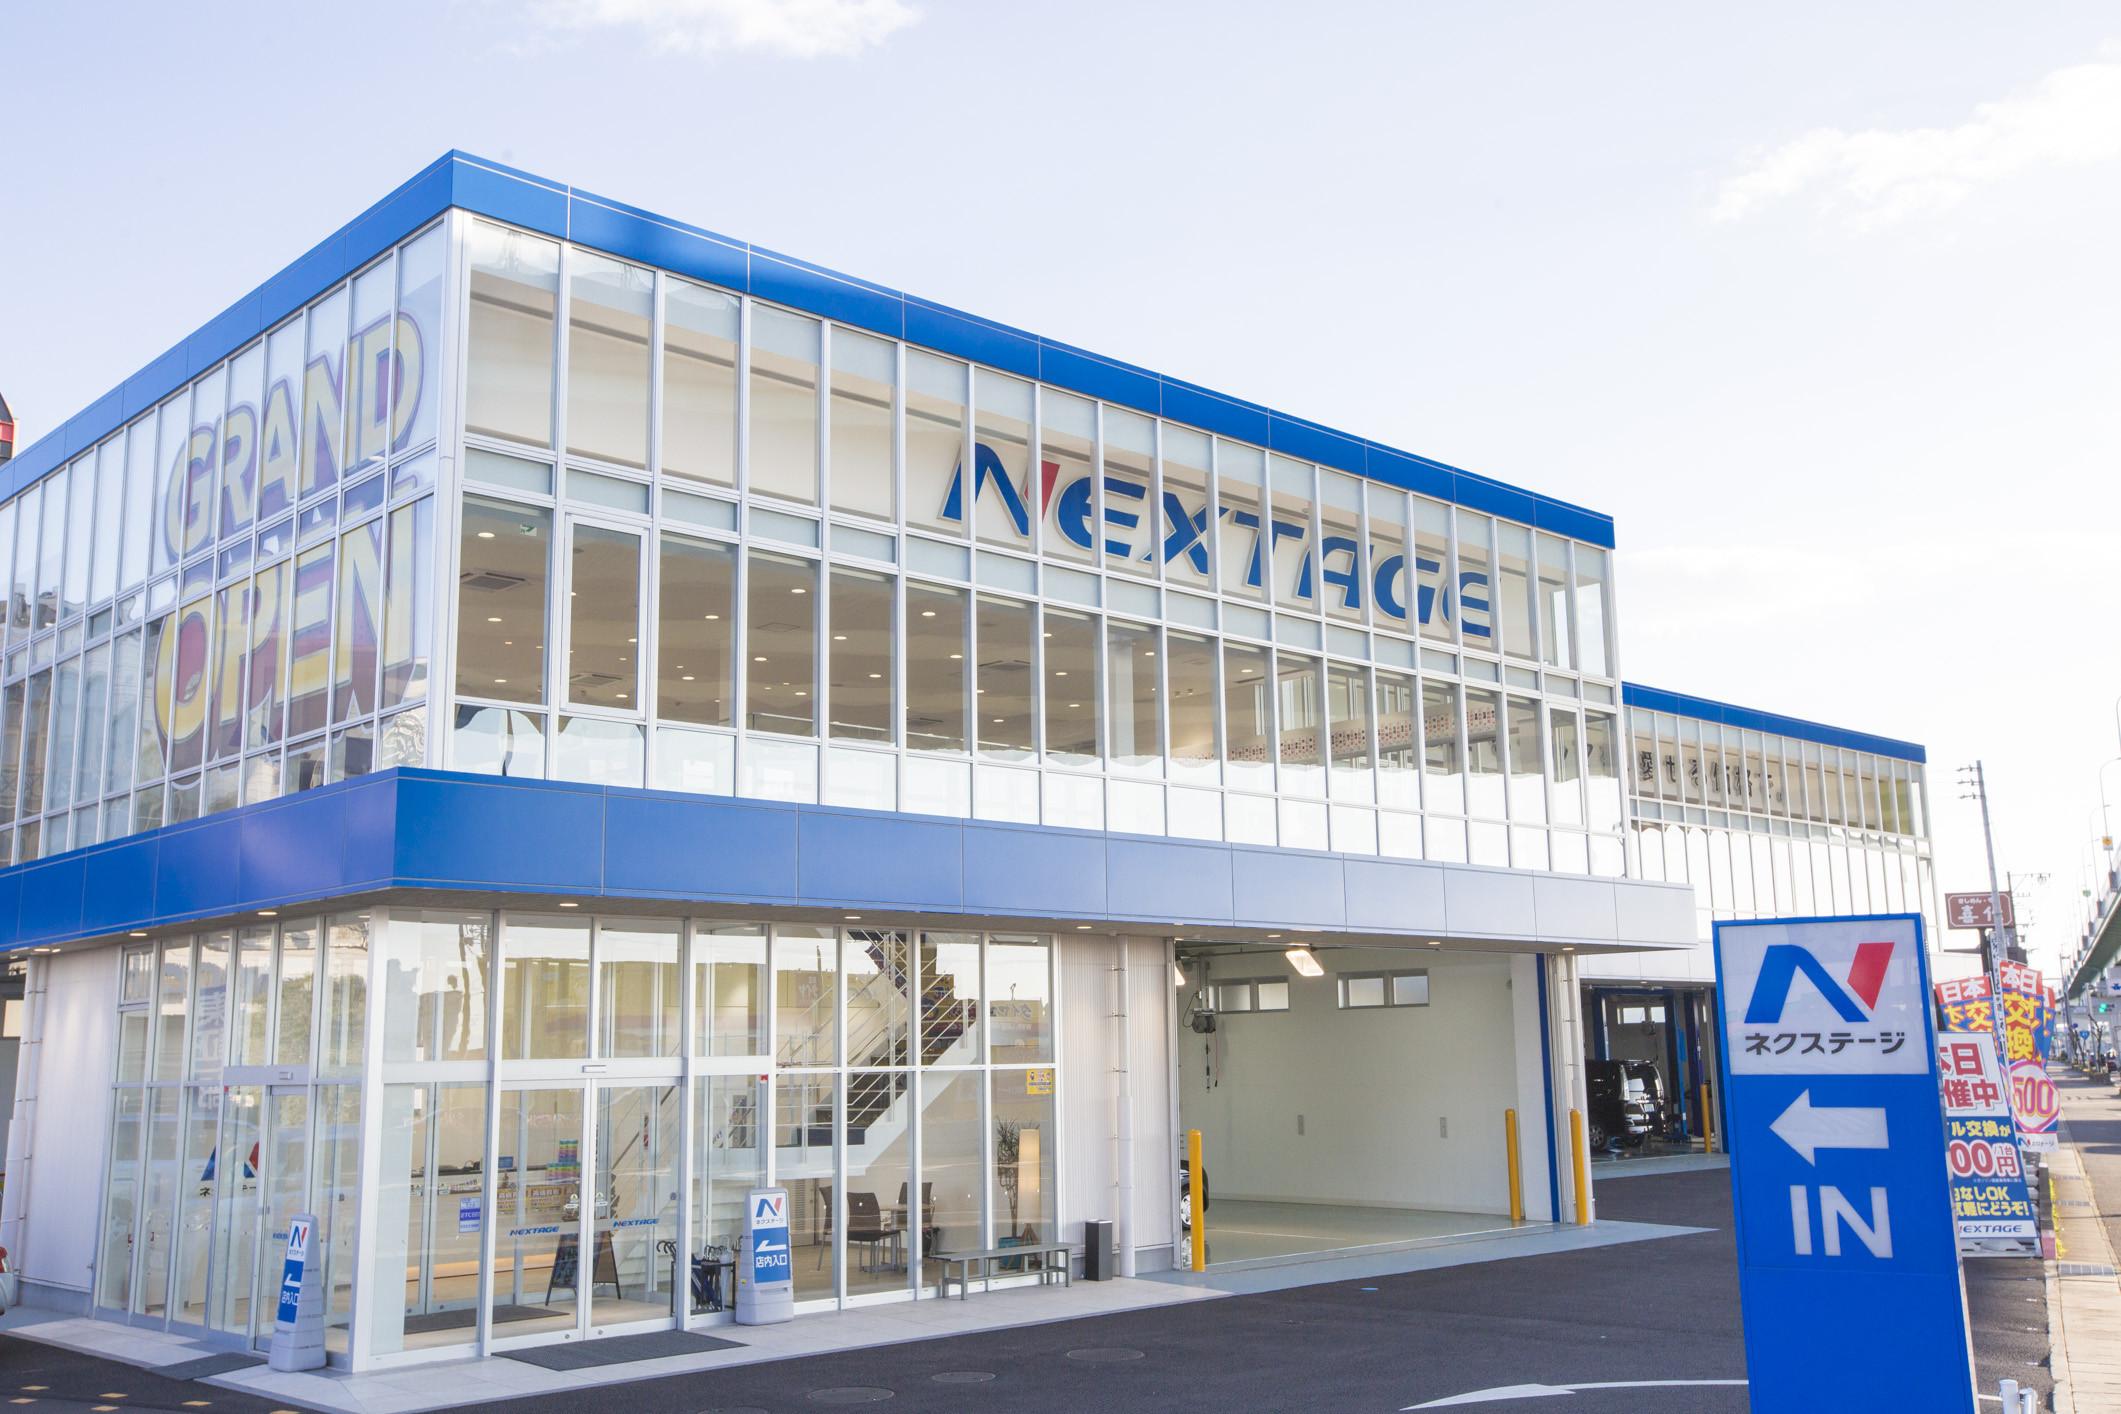 ネクステージ 東浦新店のアルバイト情報